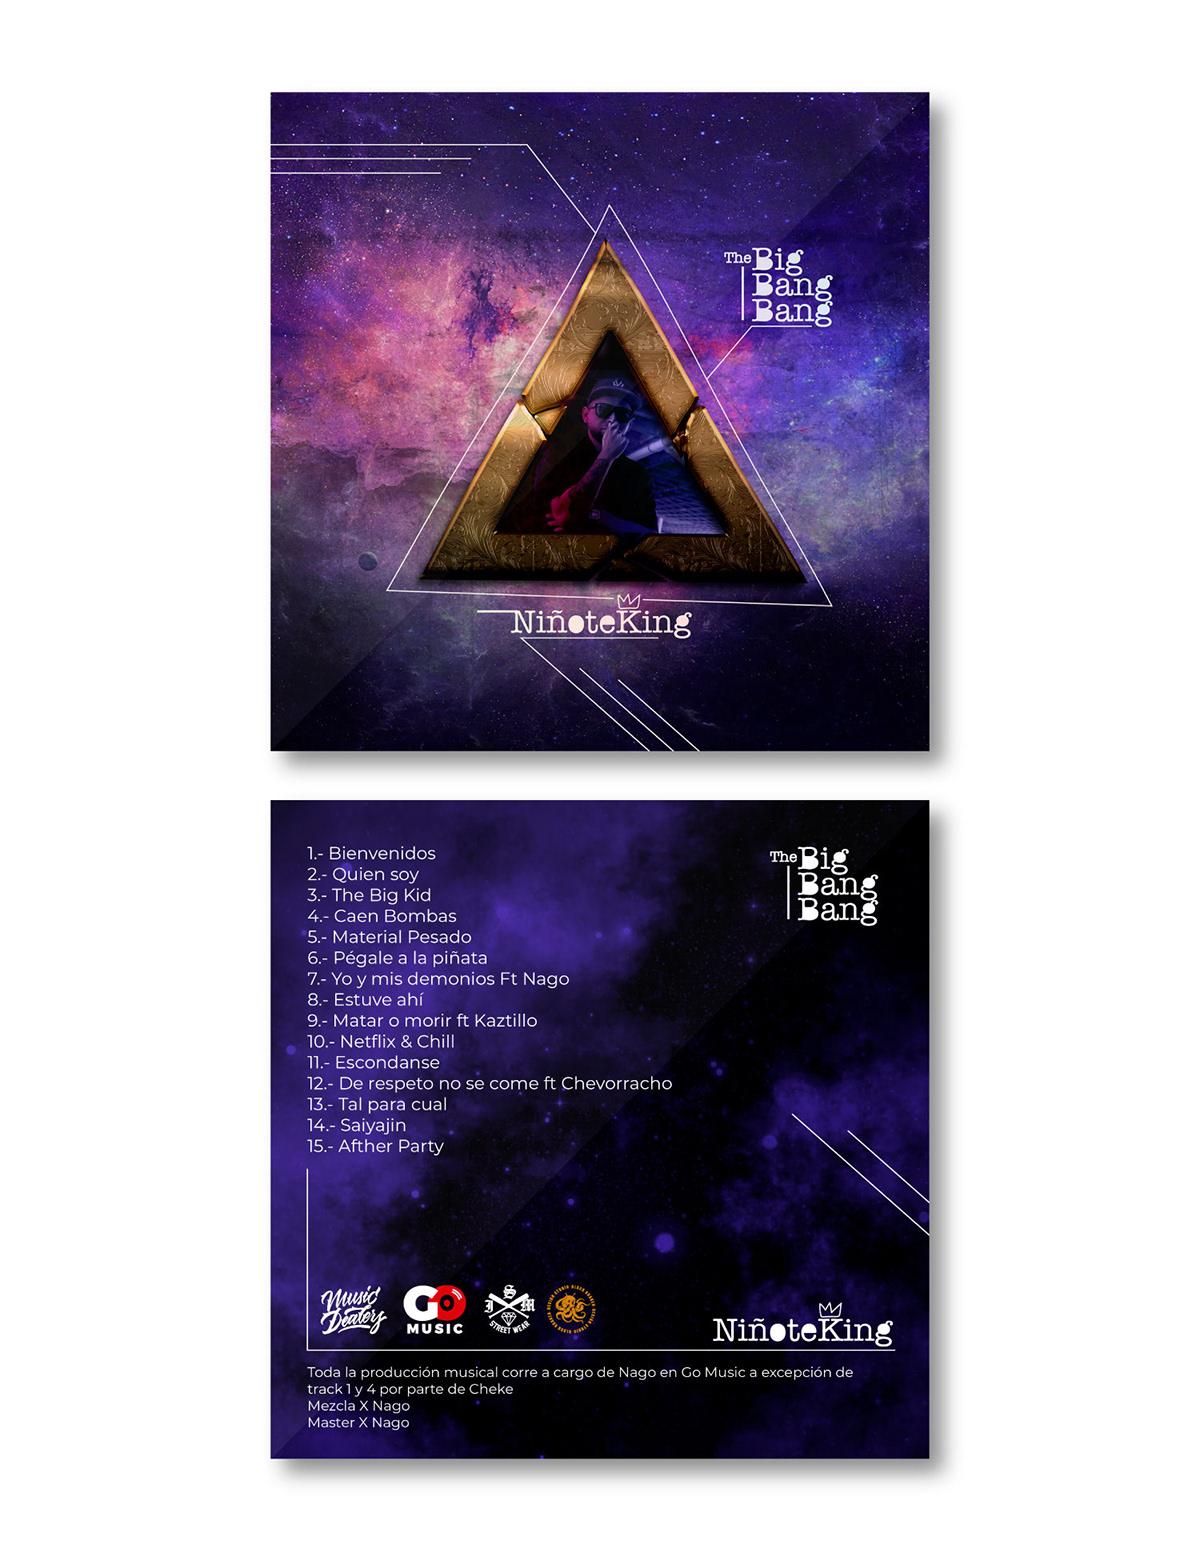 cover disc diseño gráfico graphic design  hip hop music rap